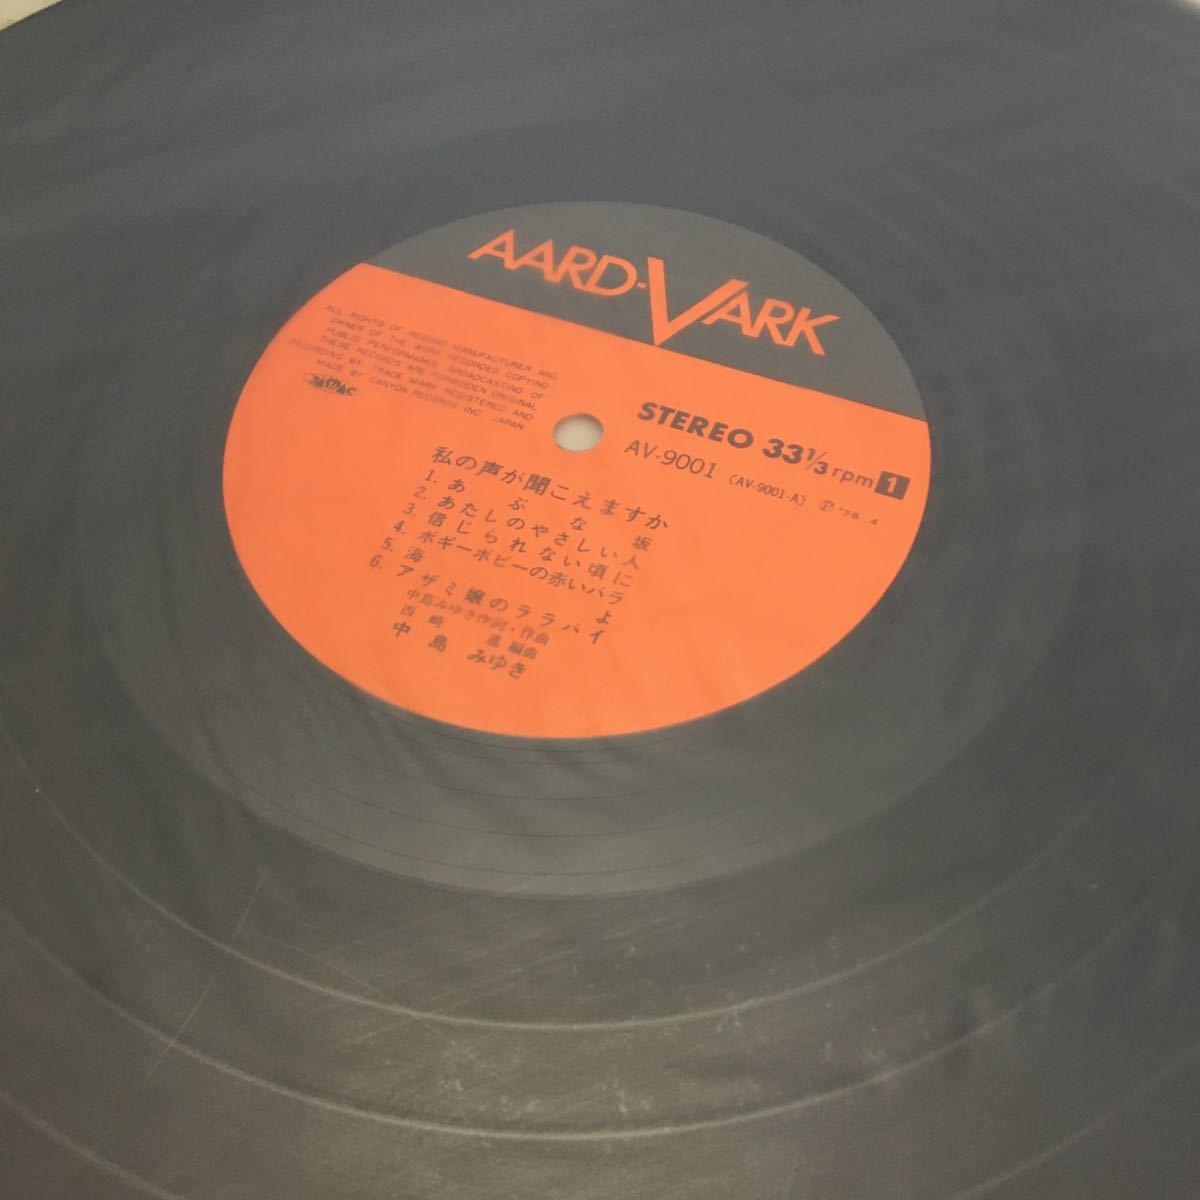 【中島みゆき・私の声が聞こえますか】ファーストアルバム LP レコード 時代 アザミ嬢のララバイ  1976年 YAMAHA【20/02 J2】_画像8